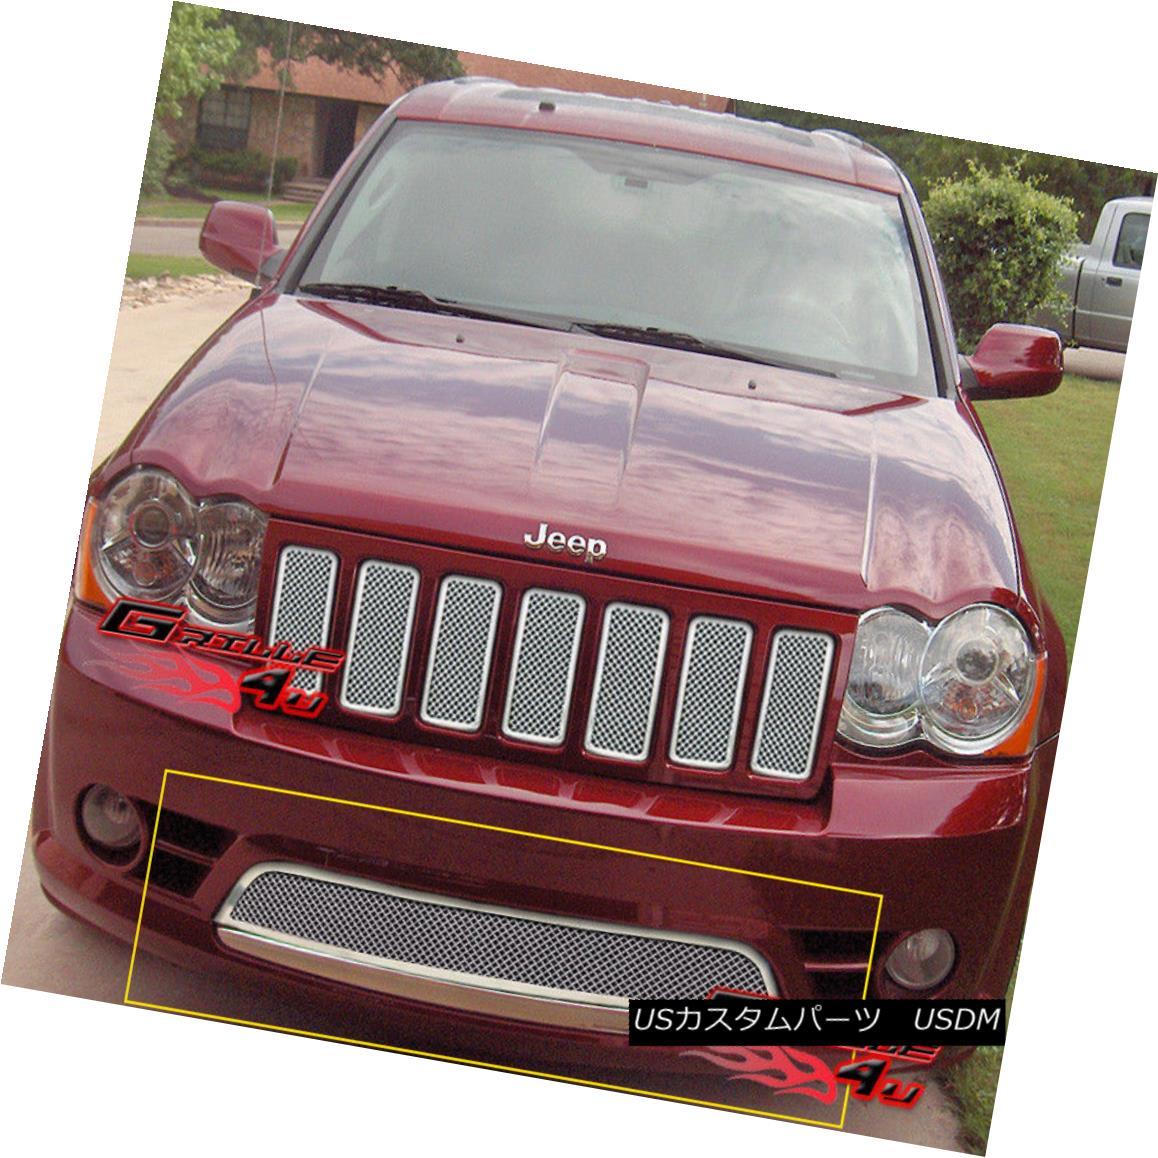 グリル For 09-10 Jeep Grand Cherokee Bumper Stainless Mesh Grille 09-10ジープグランドチェロキーバンパーステンレスメッシュグリル